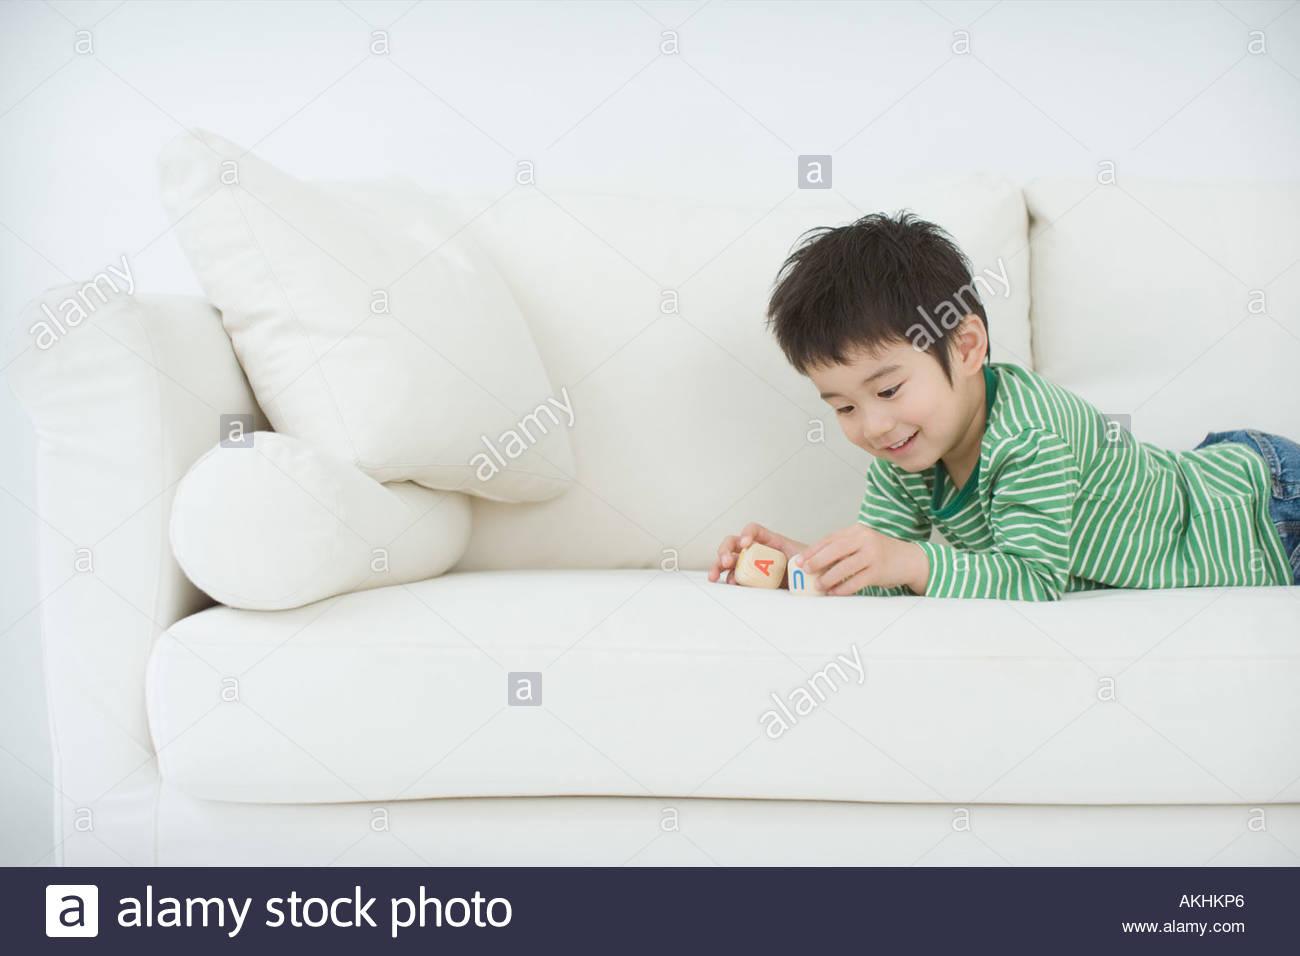 Japanese boy playing on sofa - Stock Image